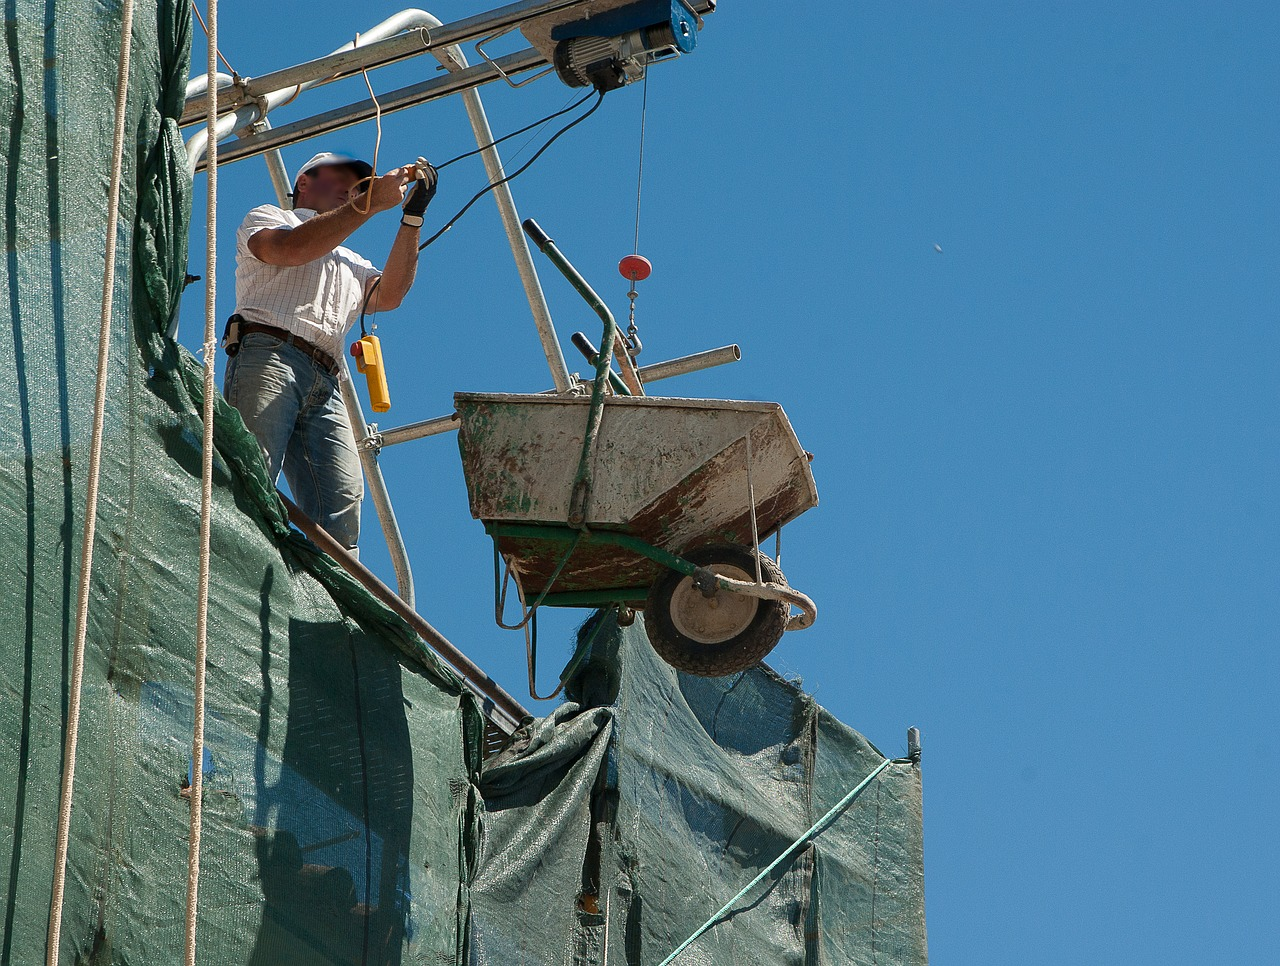 ouvrier de chantier qui fait monter une brouette grâce à des poulies